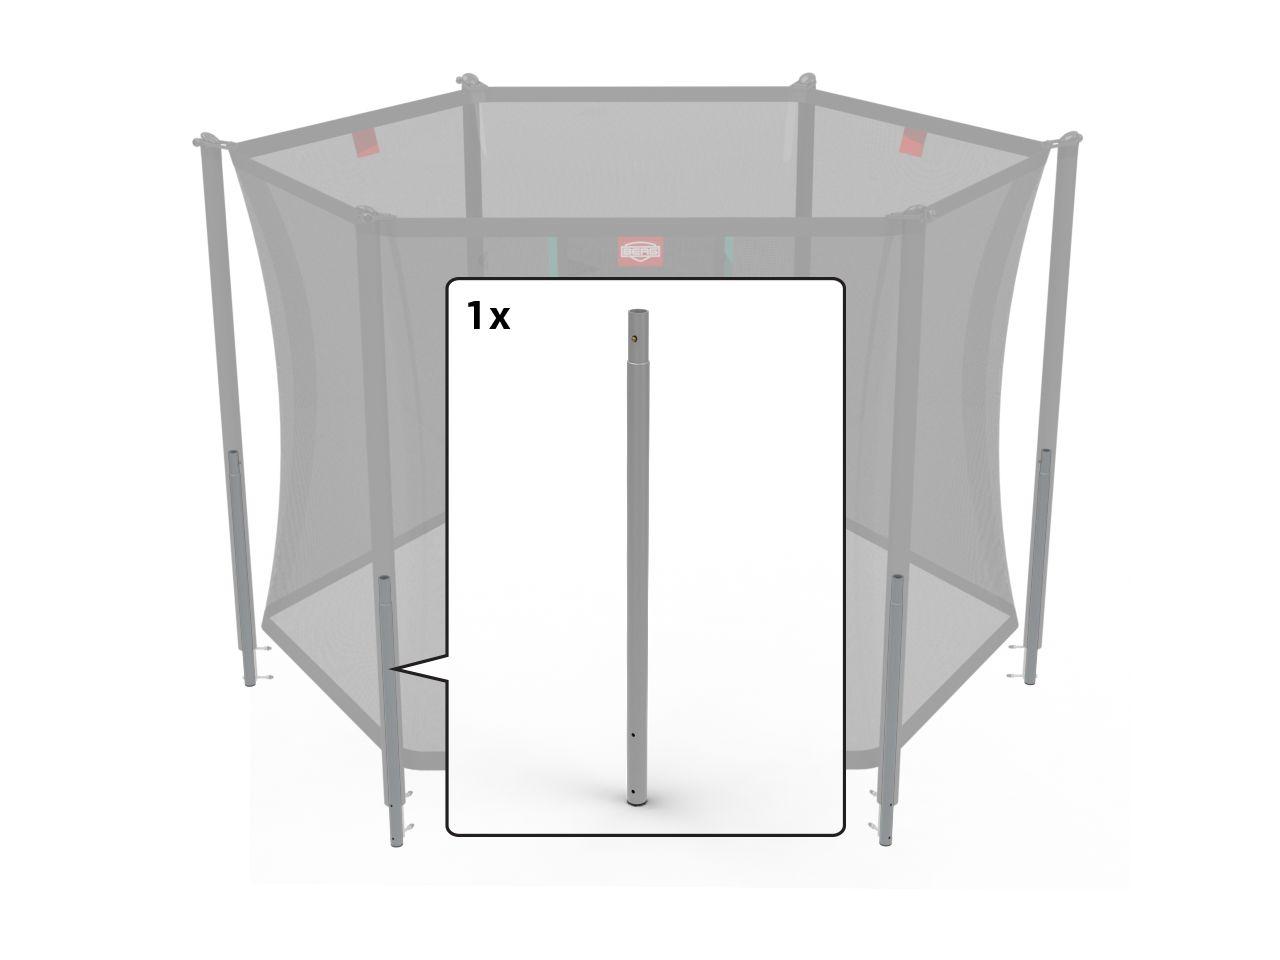 Safety Net Comfort - Lower tube 300 (10ft) + springbracket